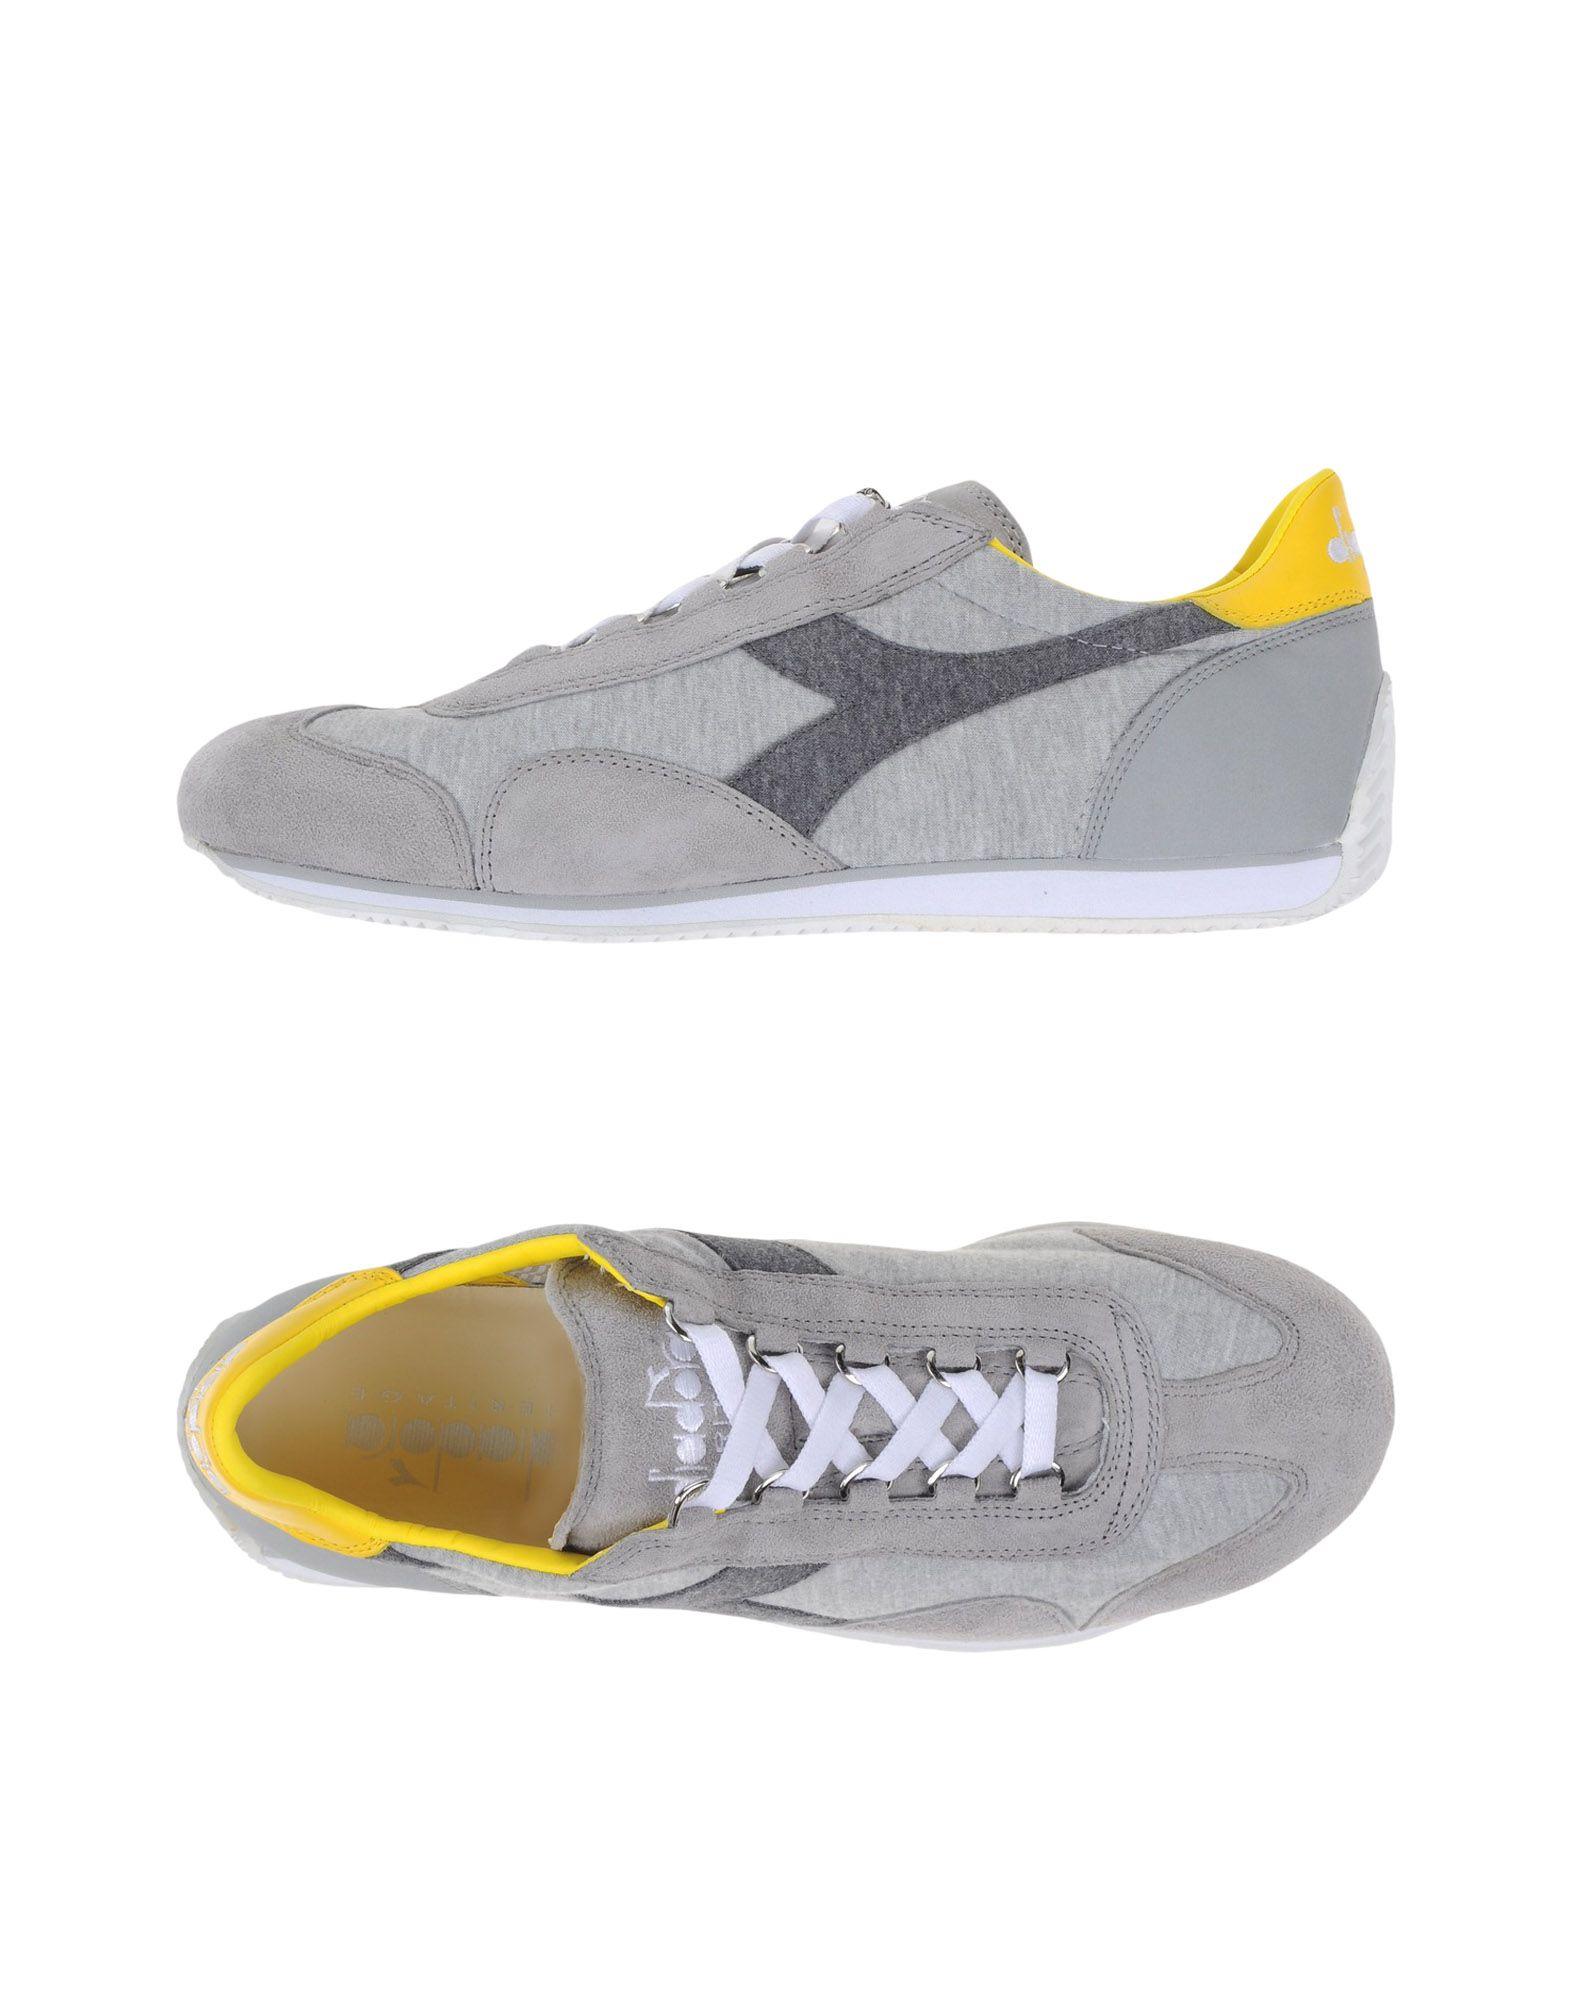 Sneakers Diadora Heritage Equipe Fleece Reflective - Uomo - Acquista online su